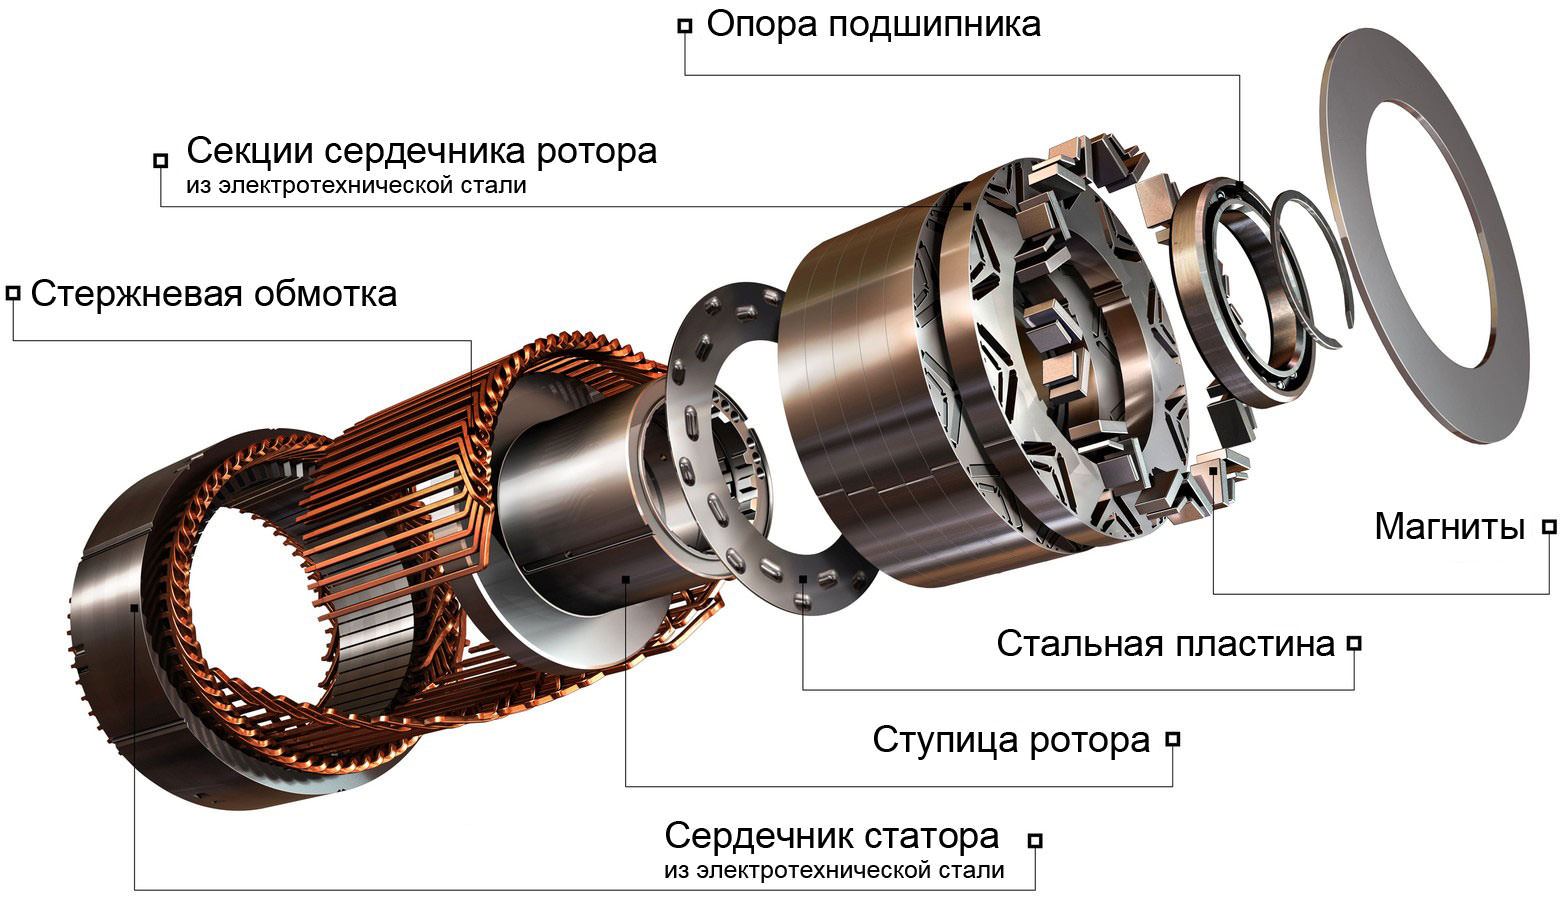 Магнитный вечный двигатель: правда или миф, возможности и перспективы, линейный двигатель своими руками